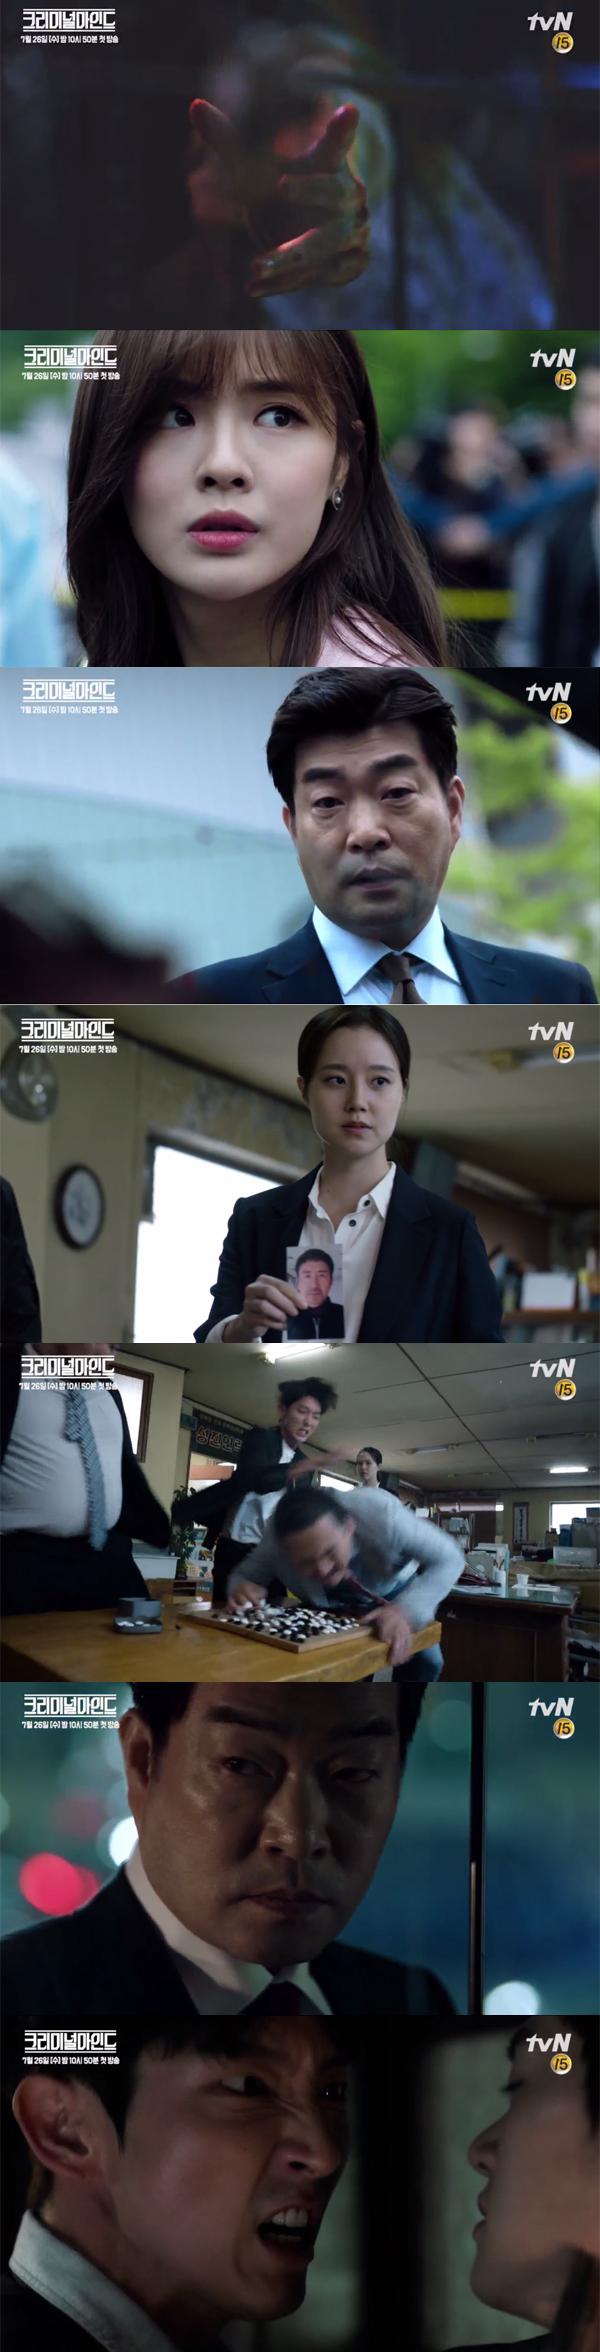 「크리미널 마인드 tvN」的圖片搜尋結果